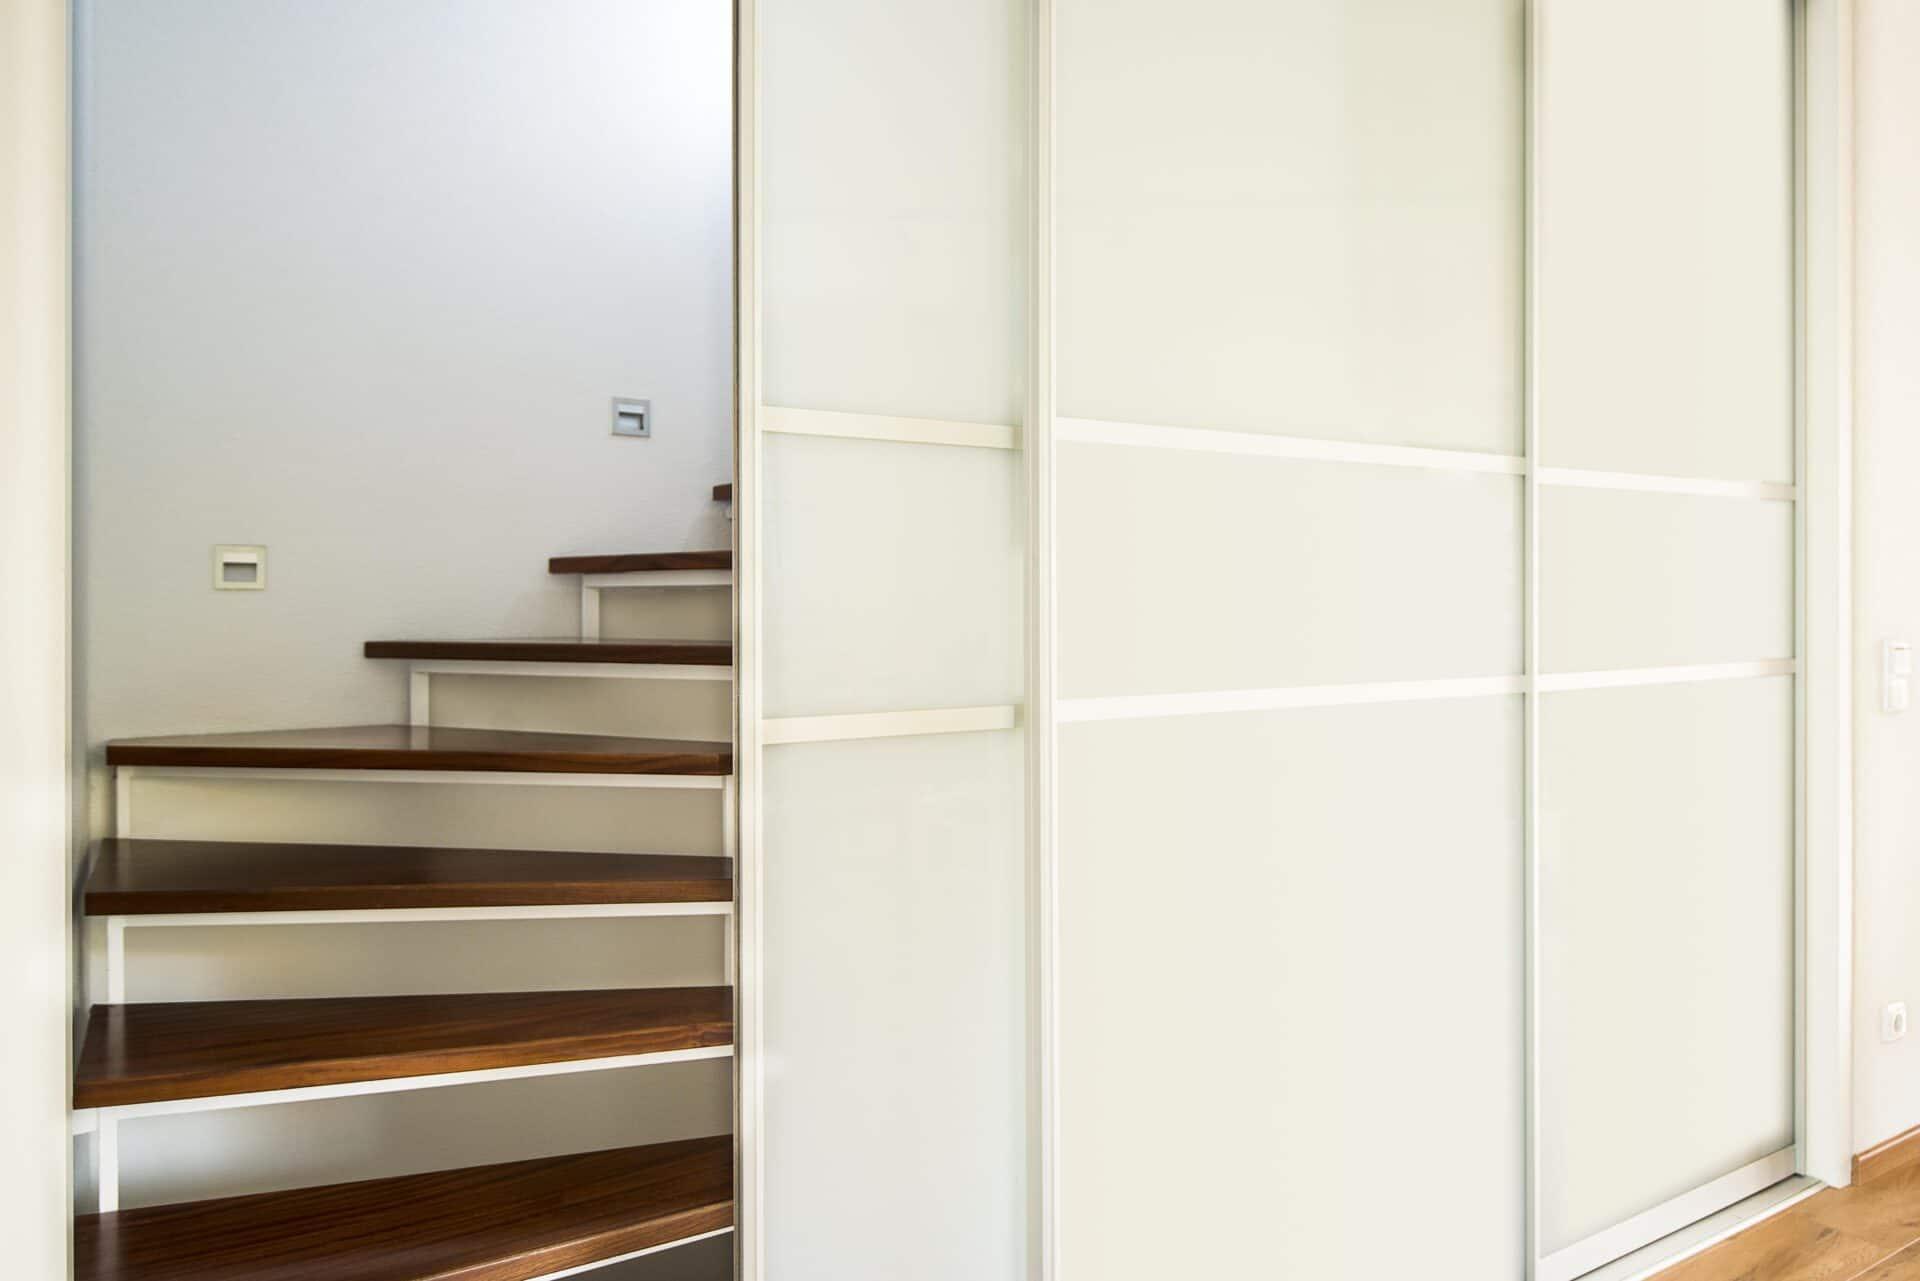 Treppenhaus-Abtrennung